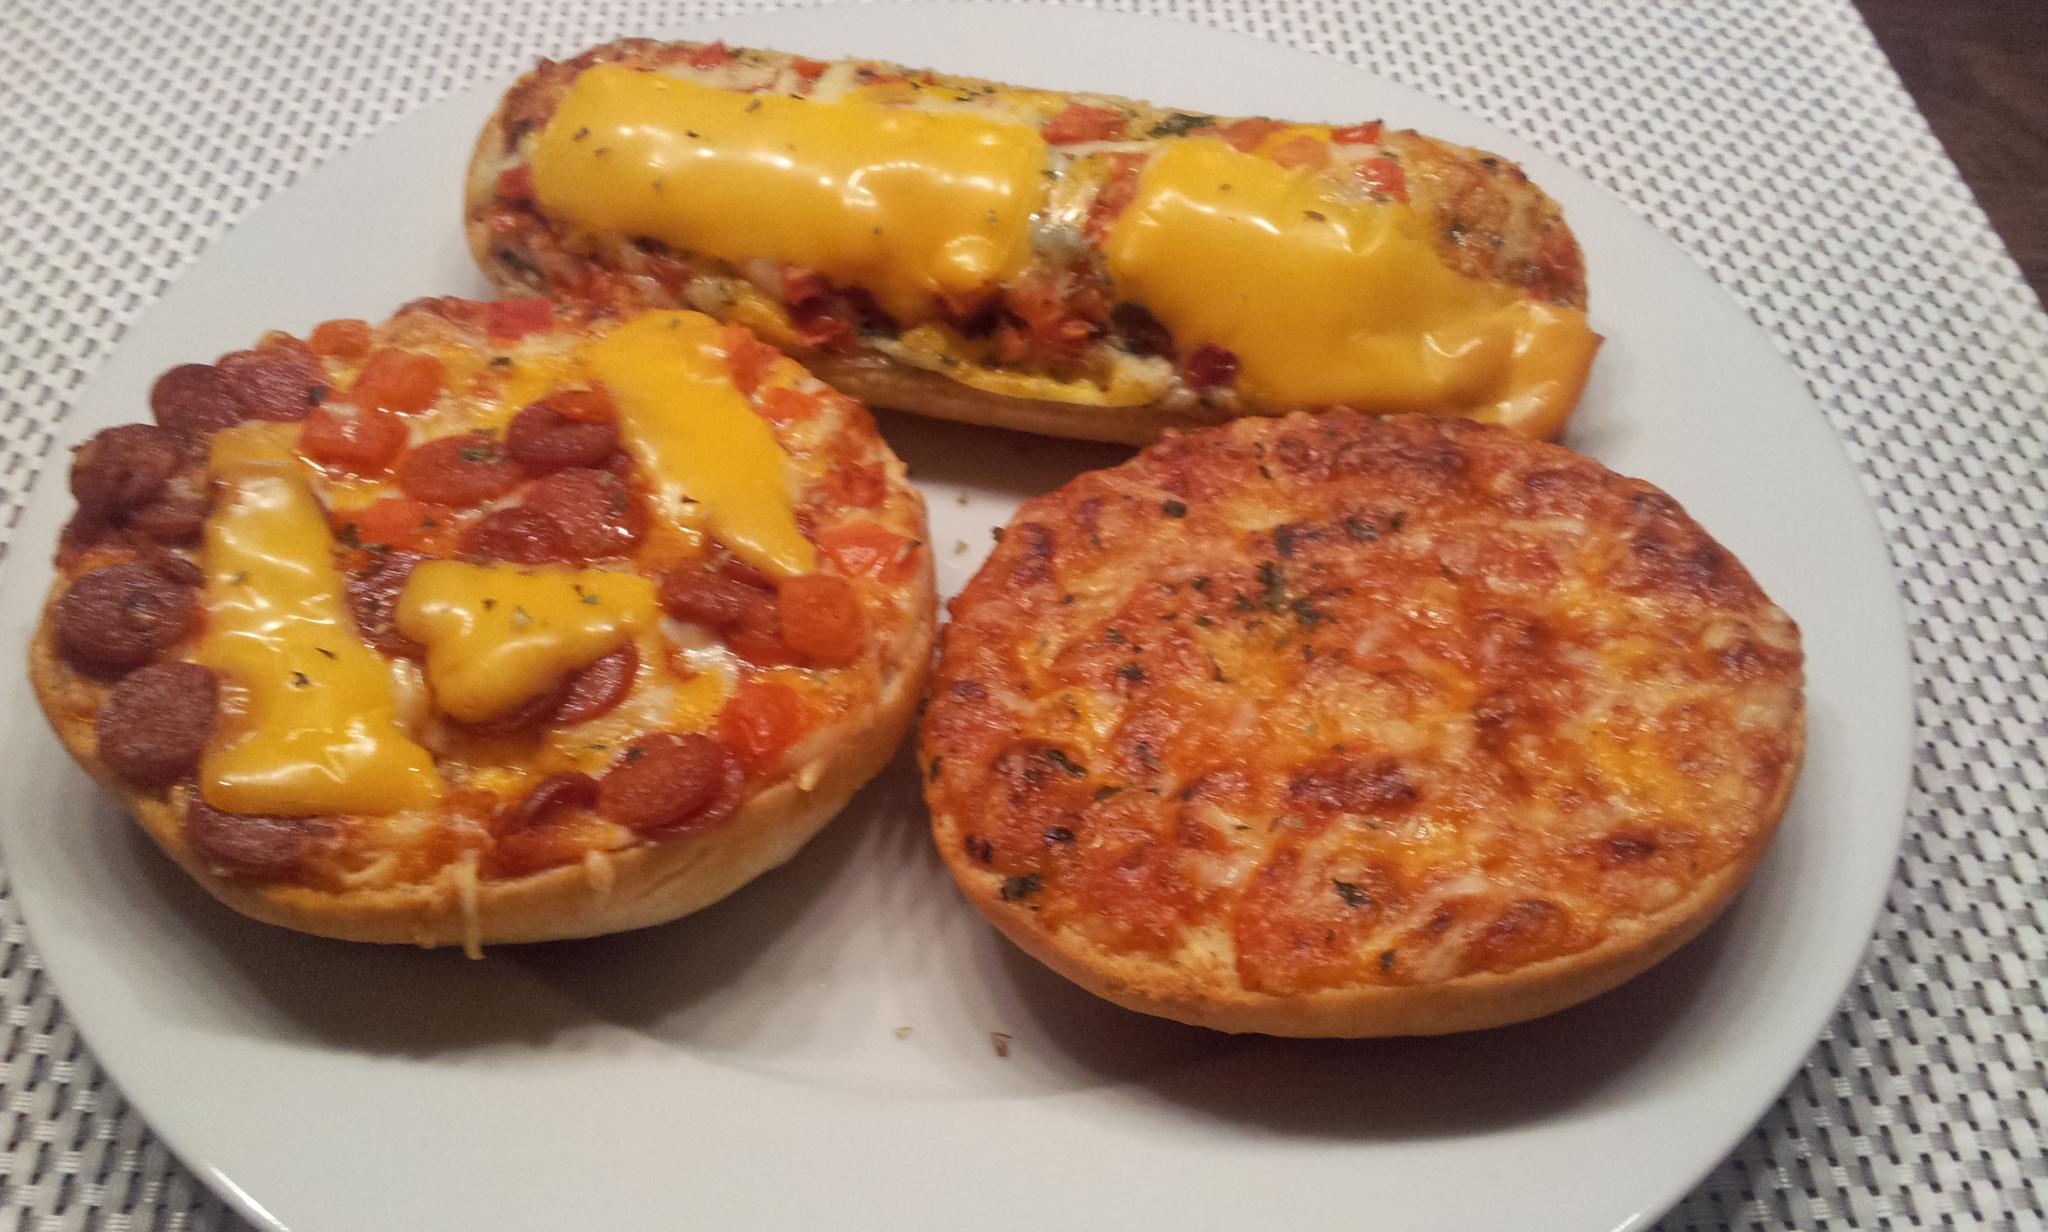 https://foodloader.net/Holz_2014-04-18_Pizzaburger_und_Bistro-Baguette.jpg